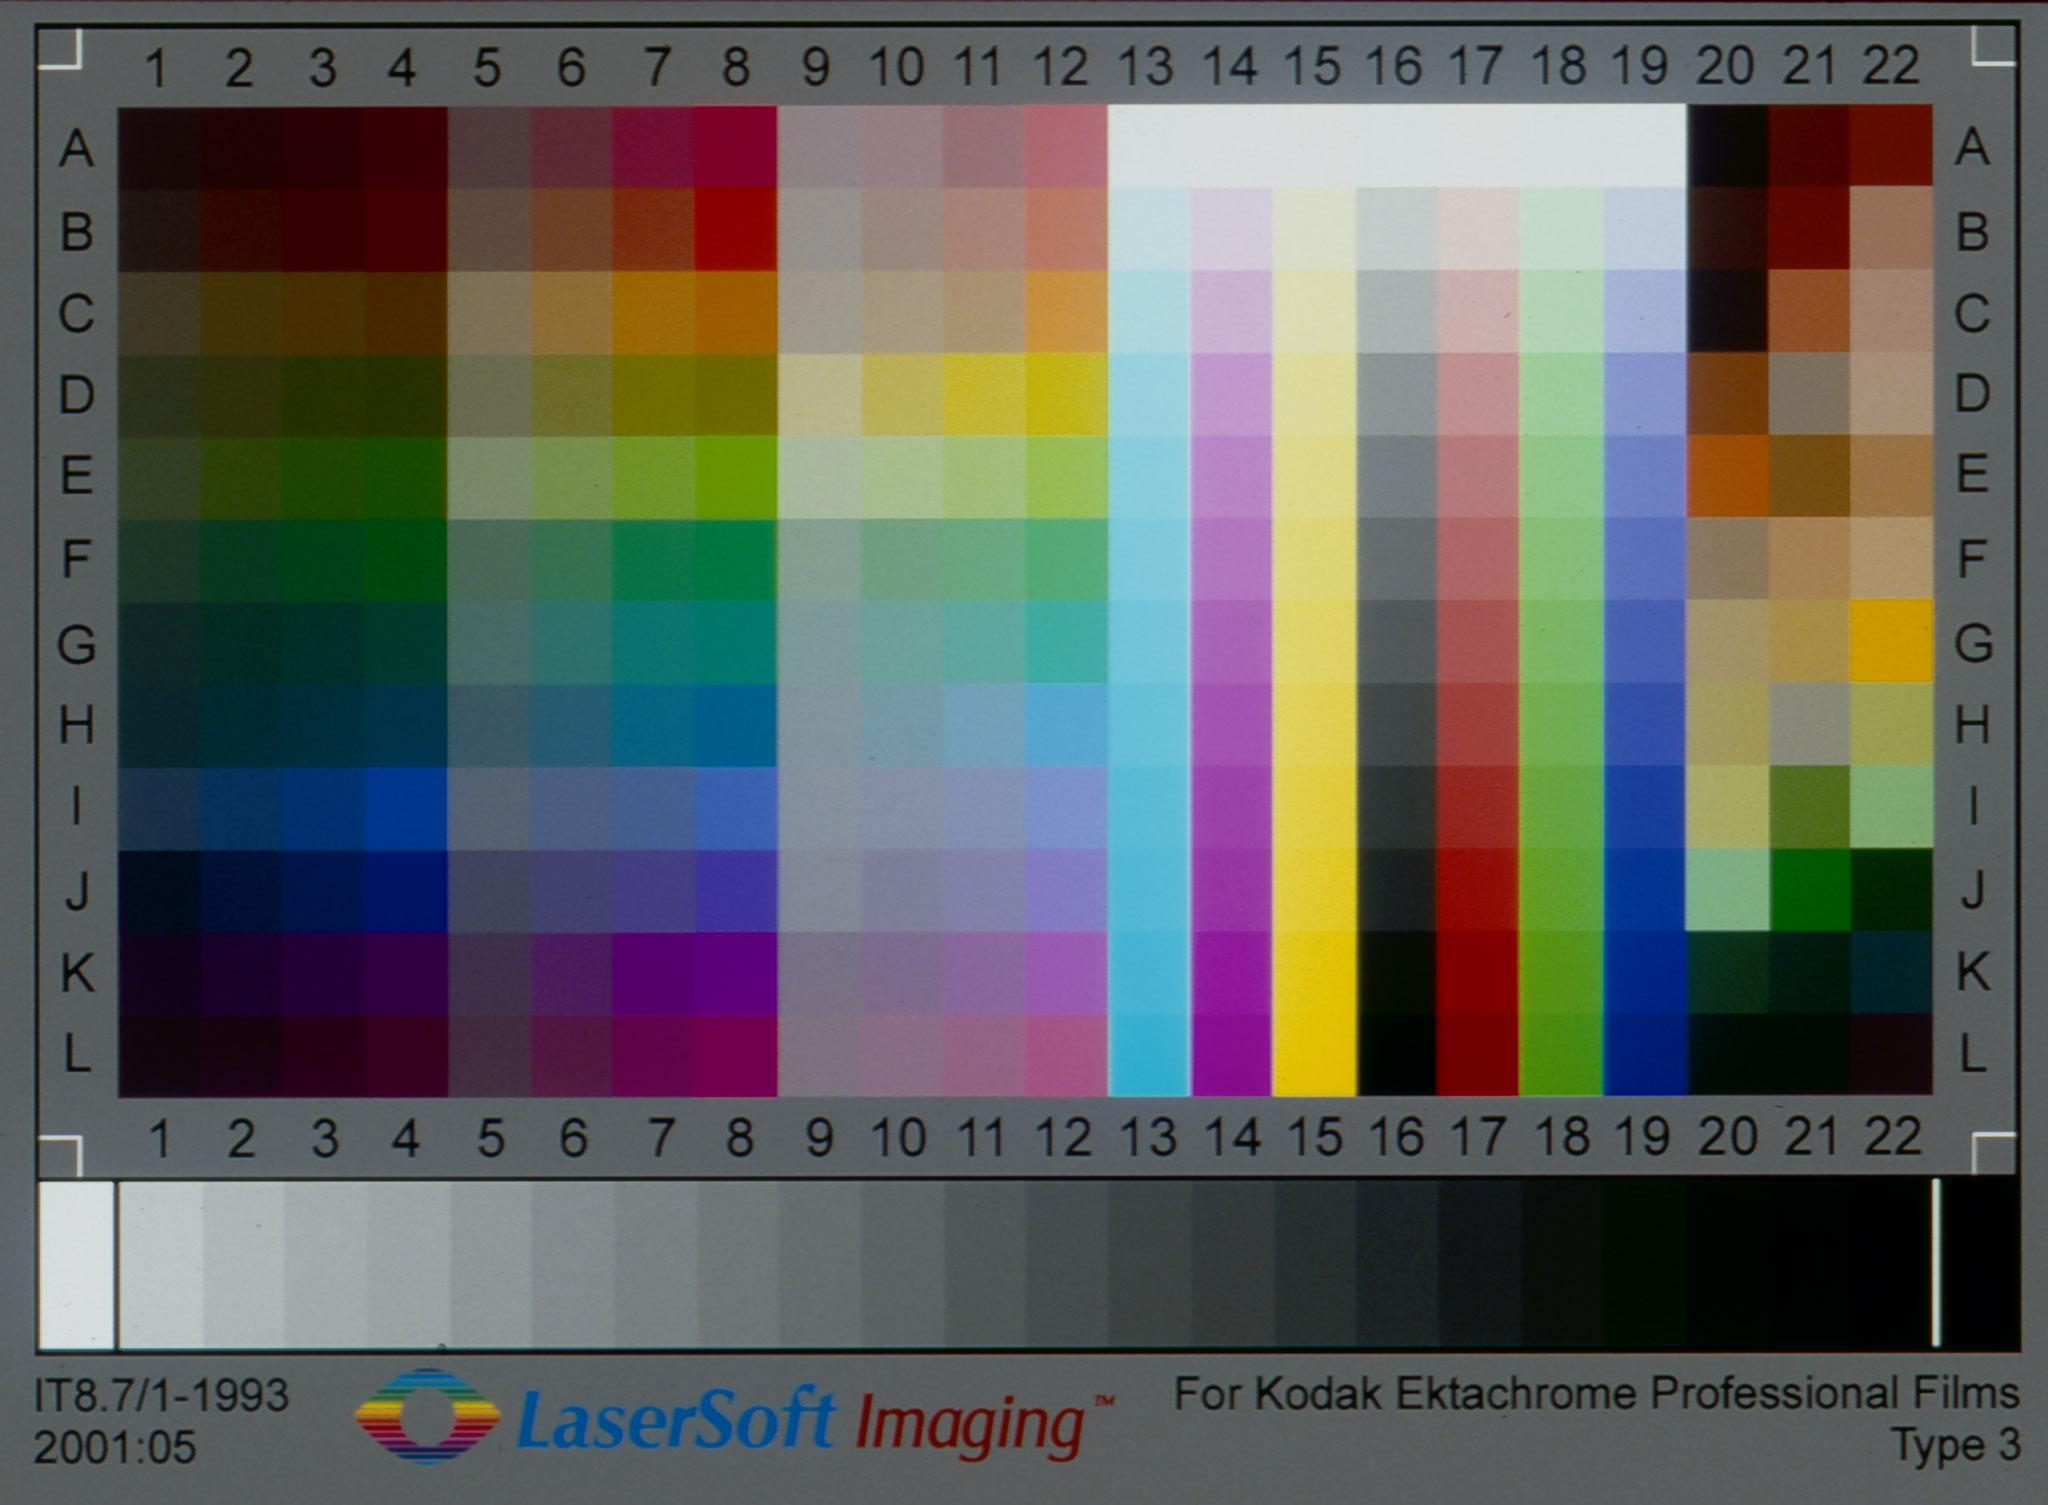 Sheet Film Scanner Flatbed Film Scanner For